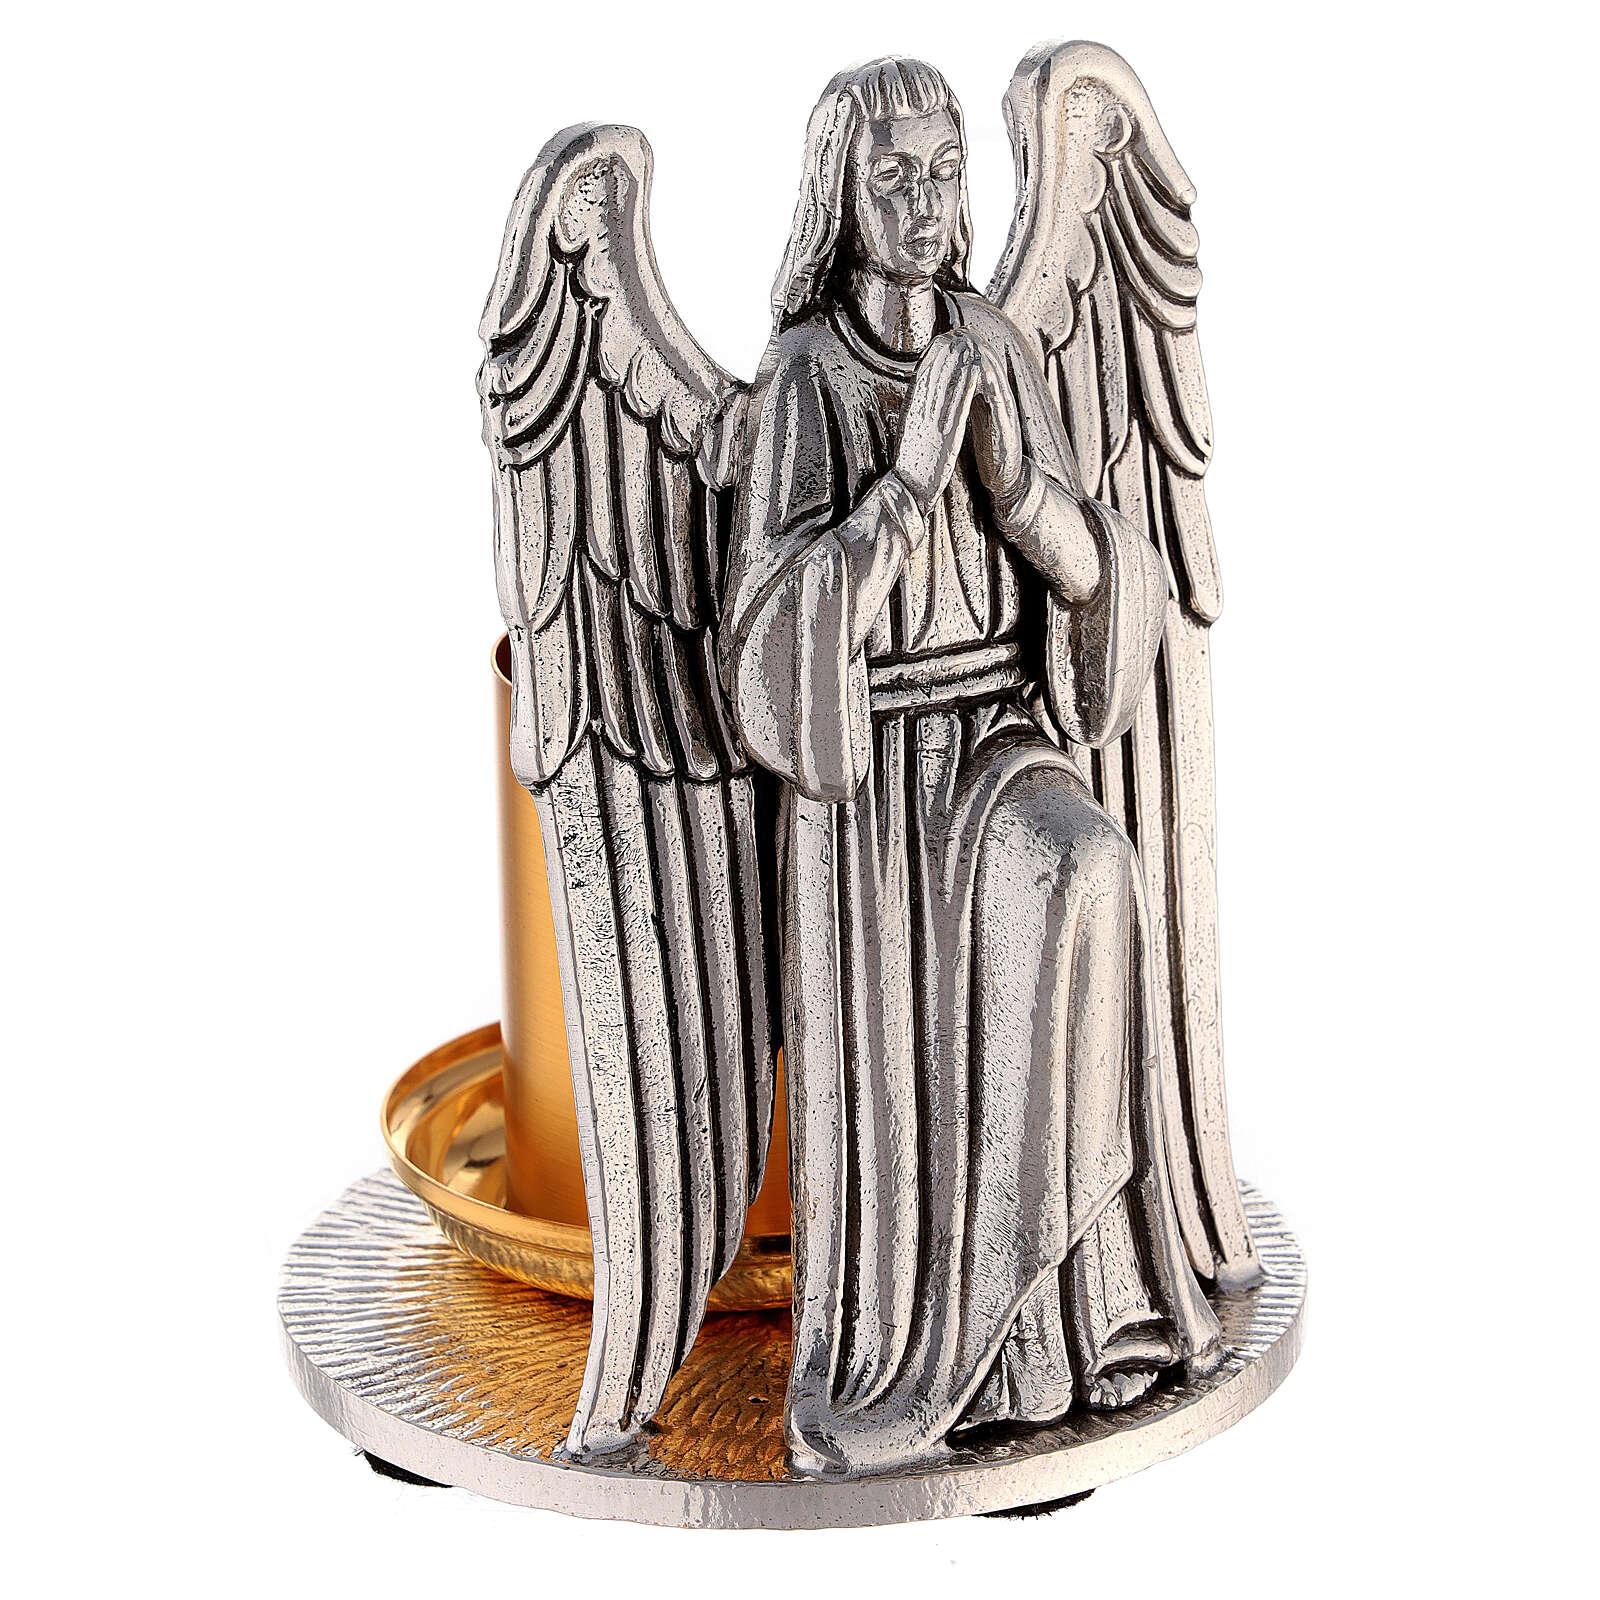 Candeliere bicolore angelo in preghiera fatto a mano 4